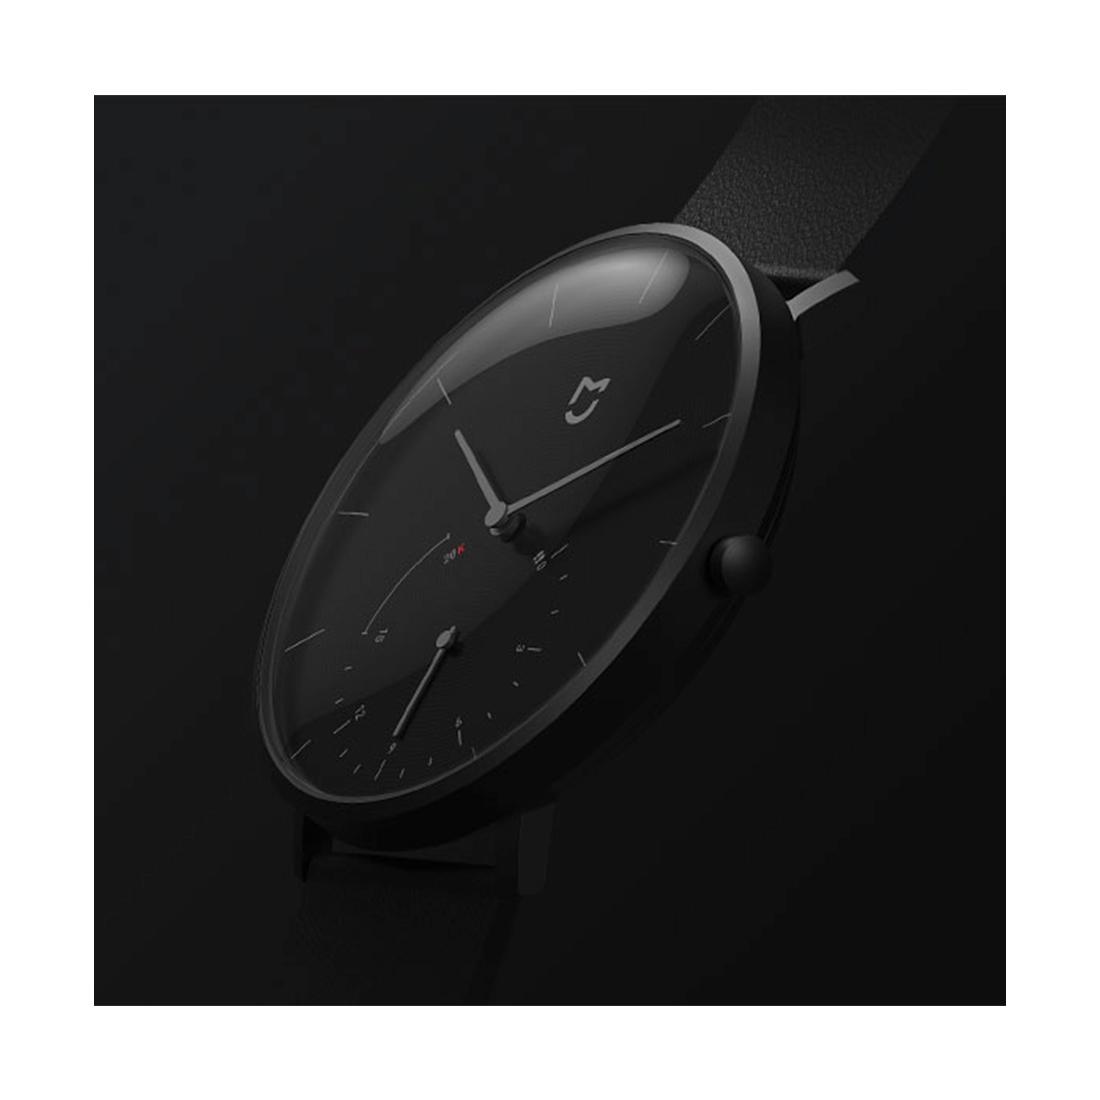 Кварцевые наручные часы Xiaomi Mijia Черный